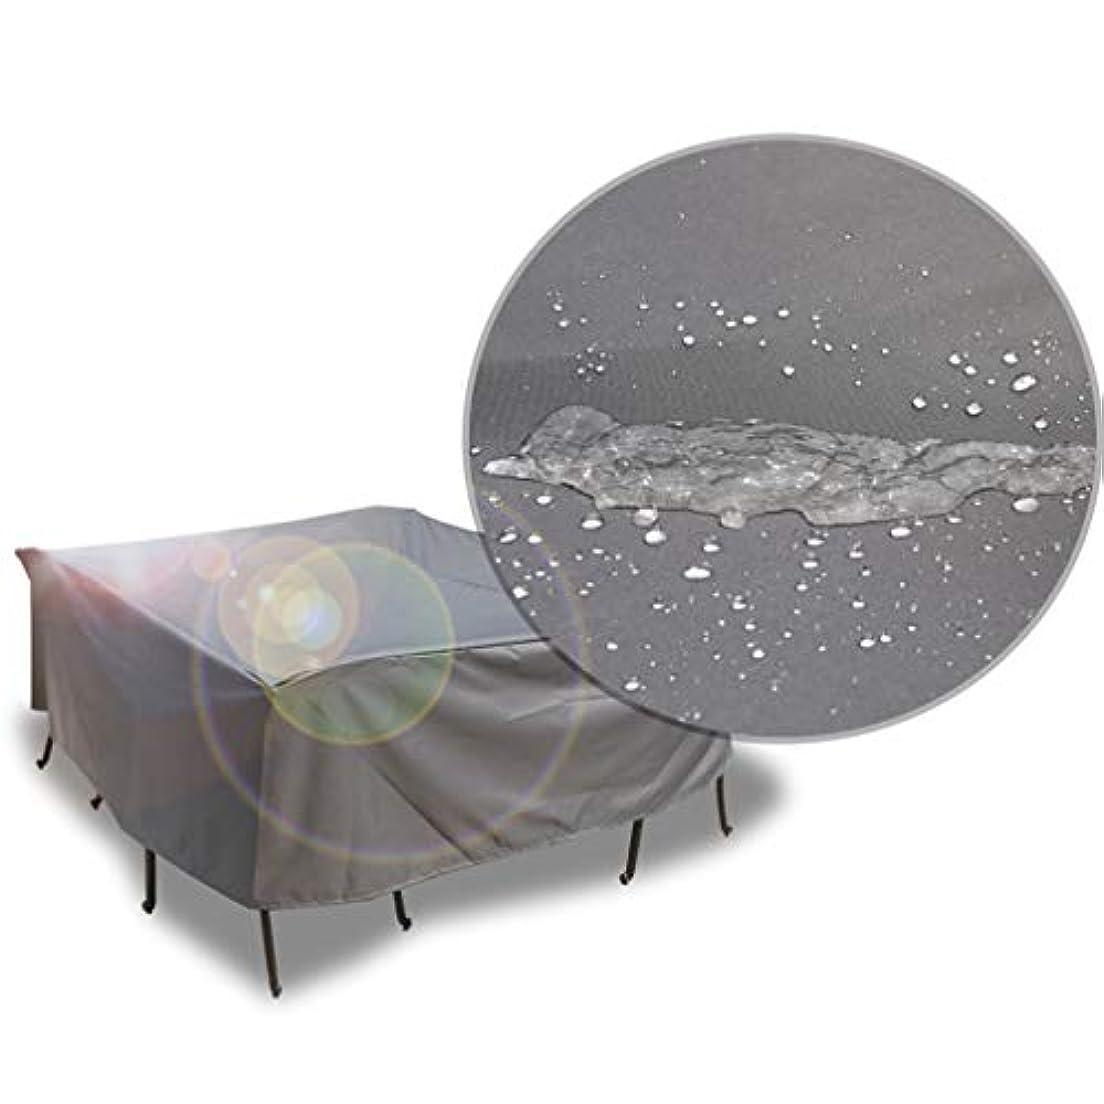 線ボランティアやる屋外機器 ダストカバー - 屋外パティオ家具カバーテーブルと椅子カバー、カジュアルテラスソファカバー、ヘビーデューティ防水機械設備カバー で利用可能 - グレー 家具カバー (サイズ さいず : A-7-180x180x70cm)